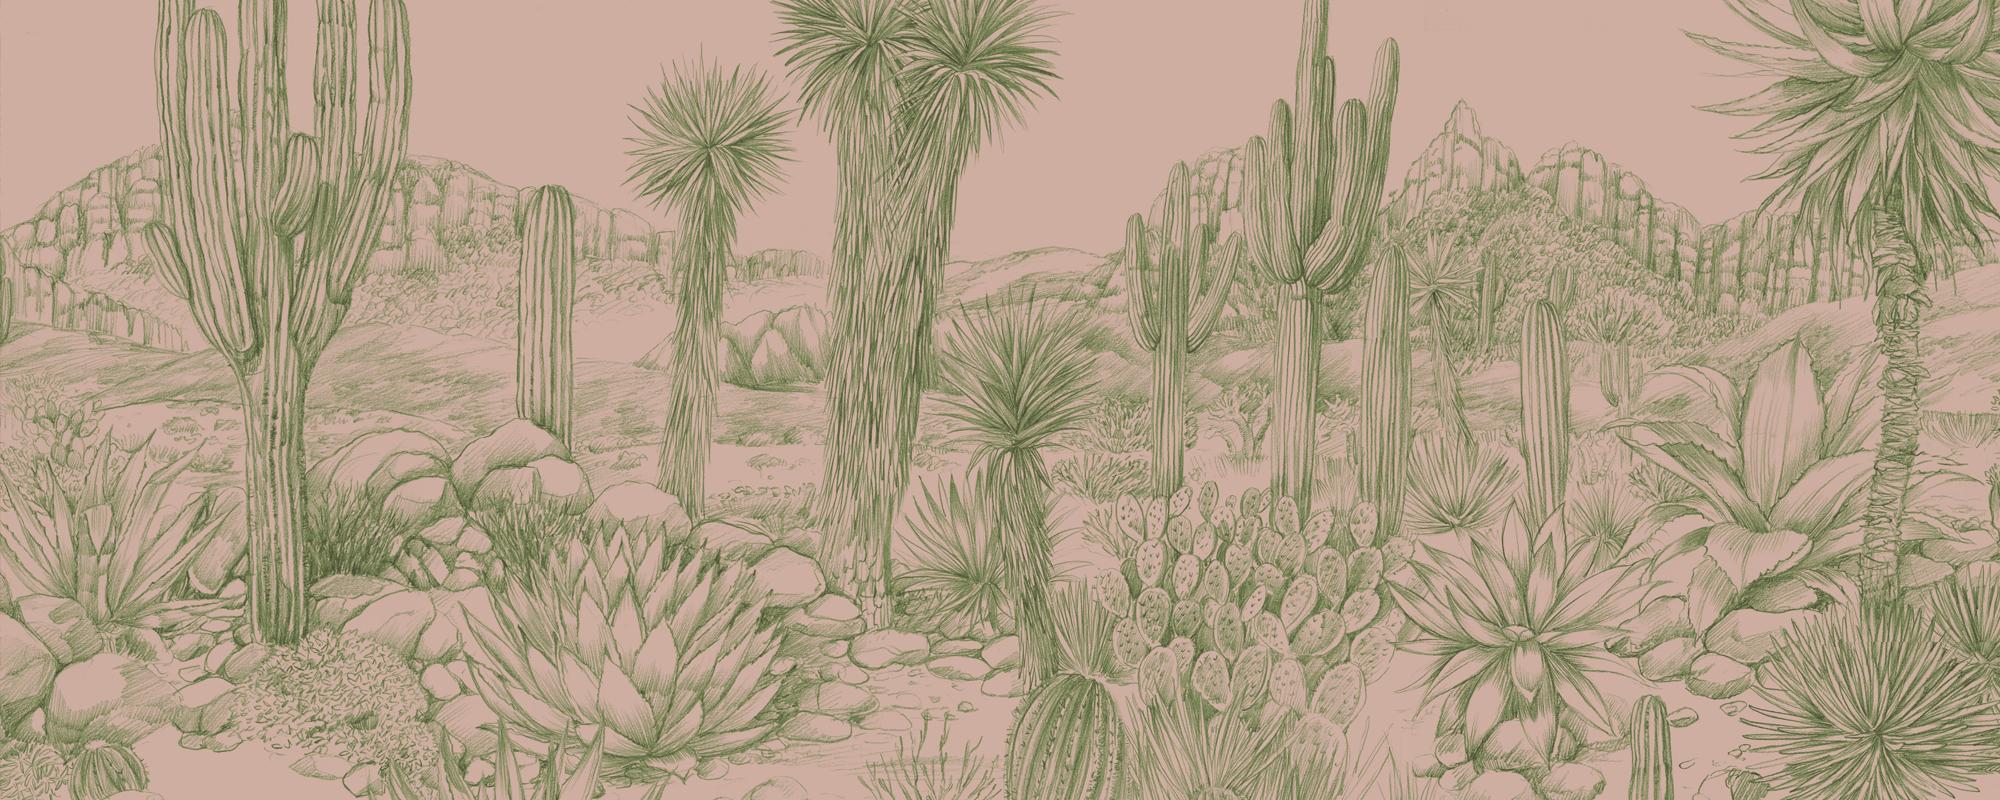 Papier peint dessiné à la main El Paso